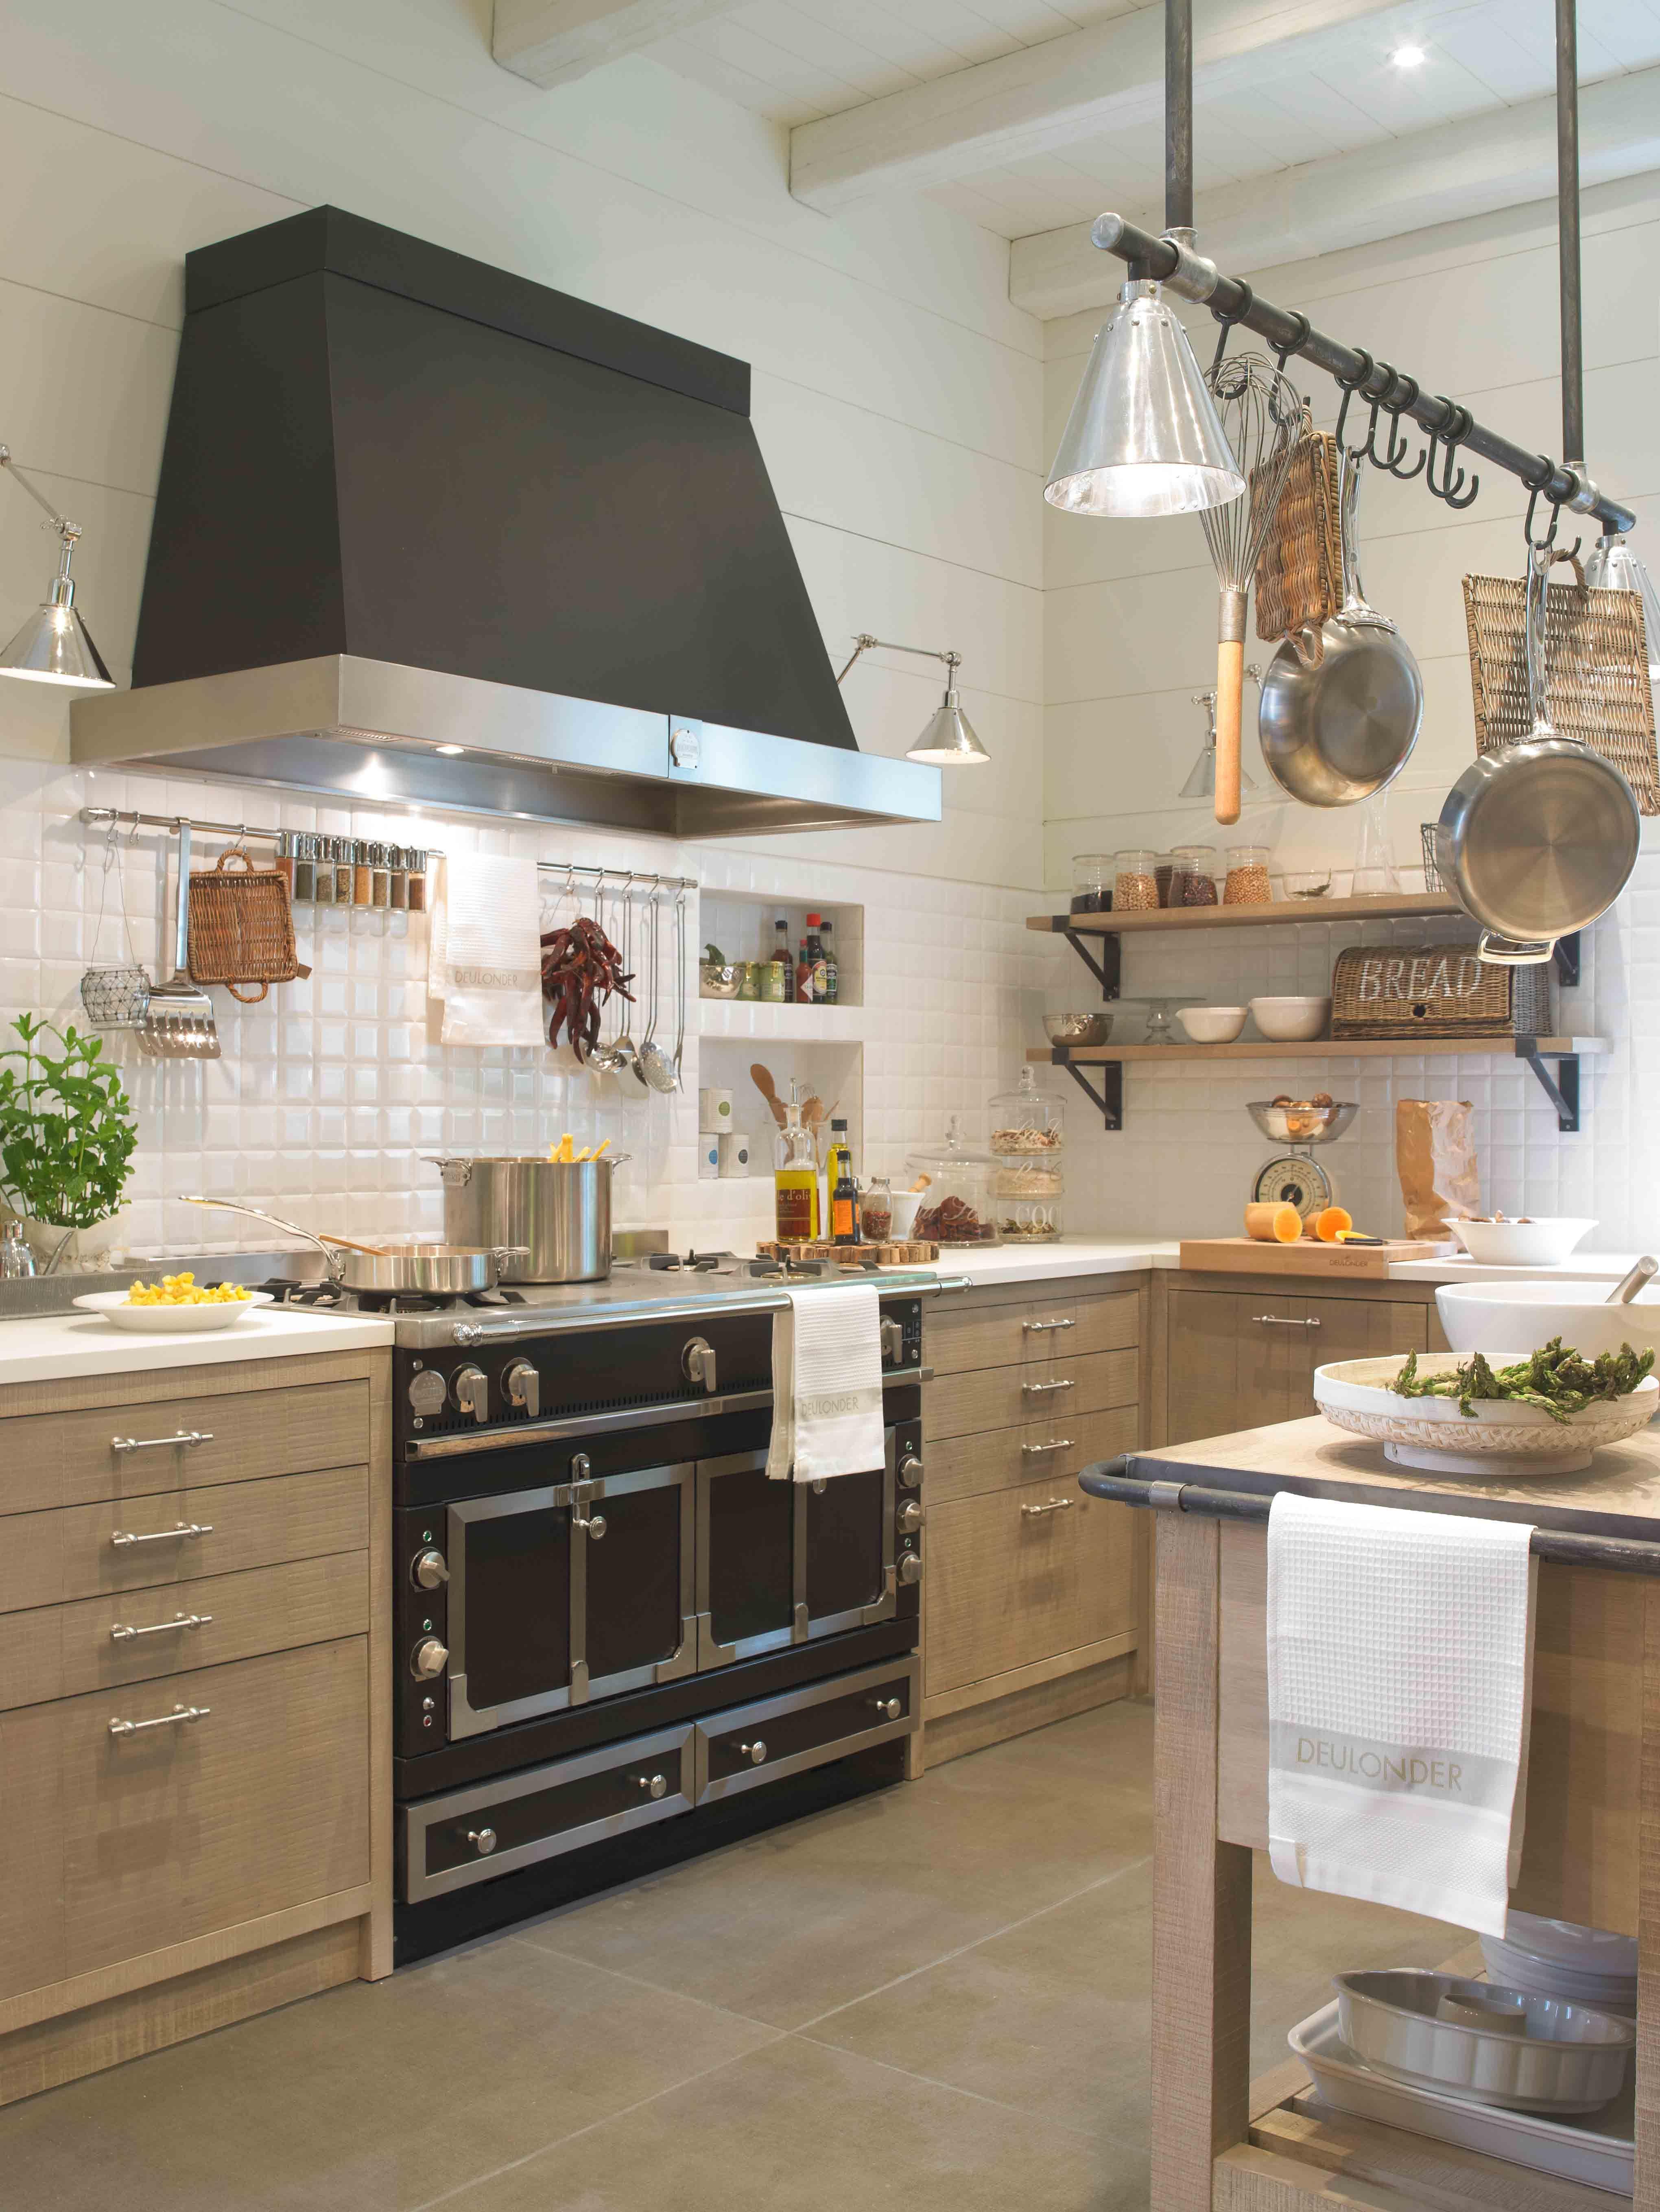 Cocinas modernas - proyectos nacionales e internacionales   Kitchens ...